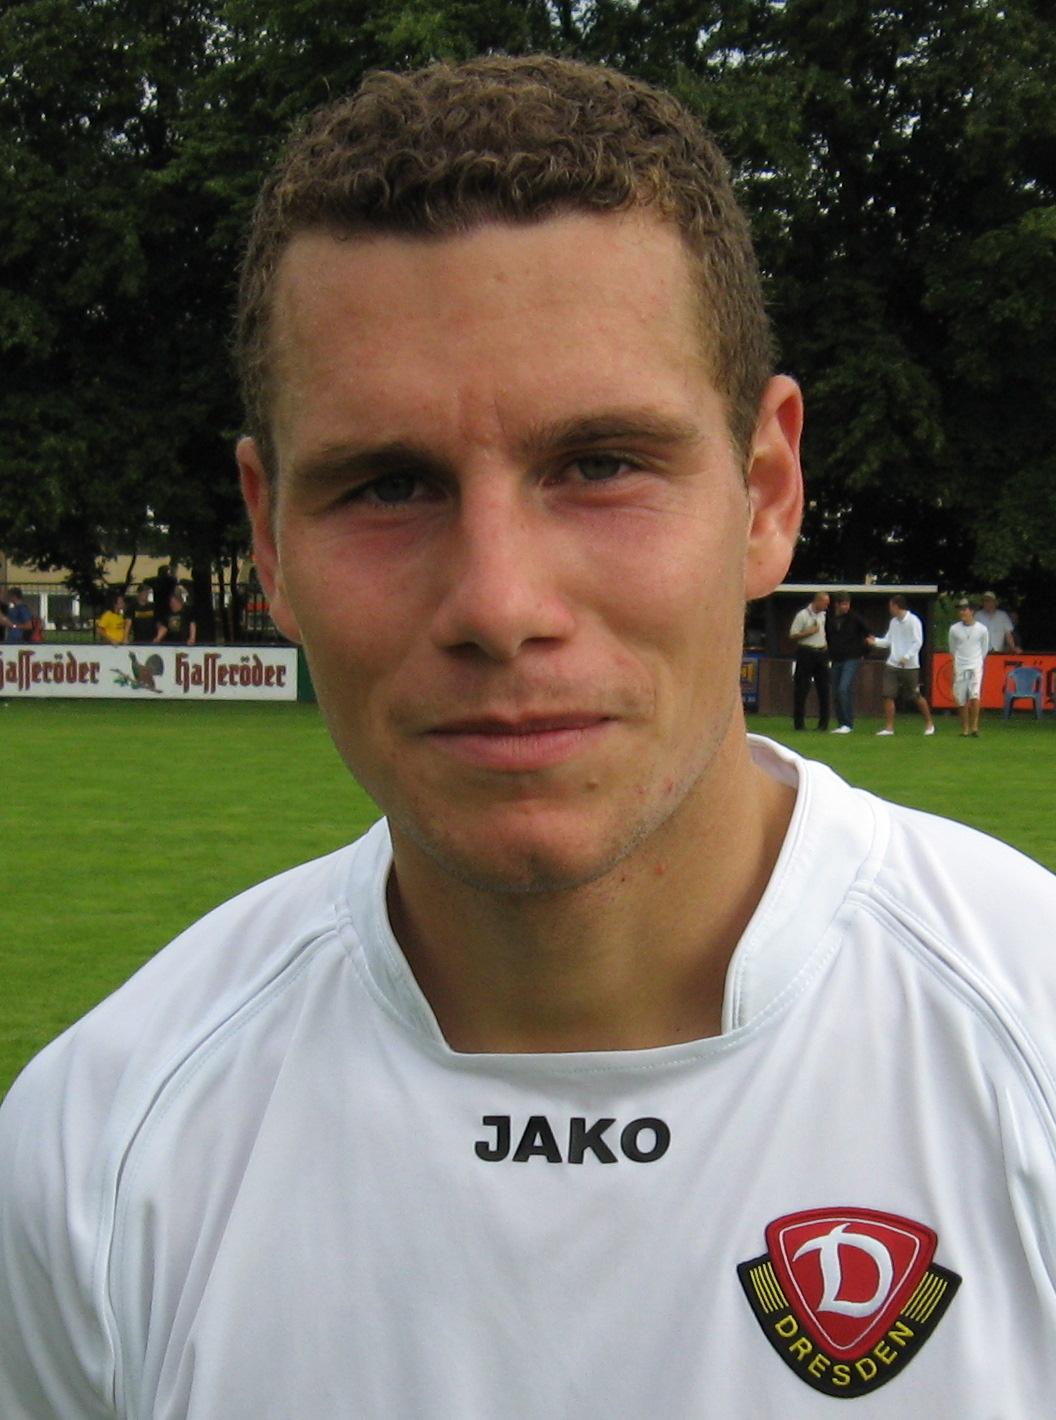 Thomas Bröker